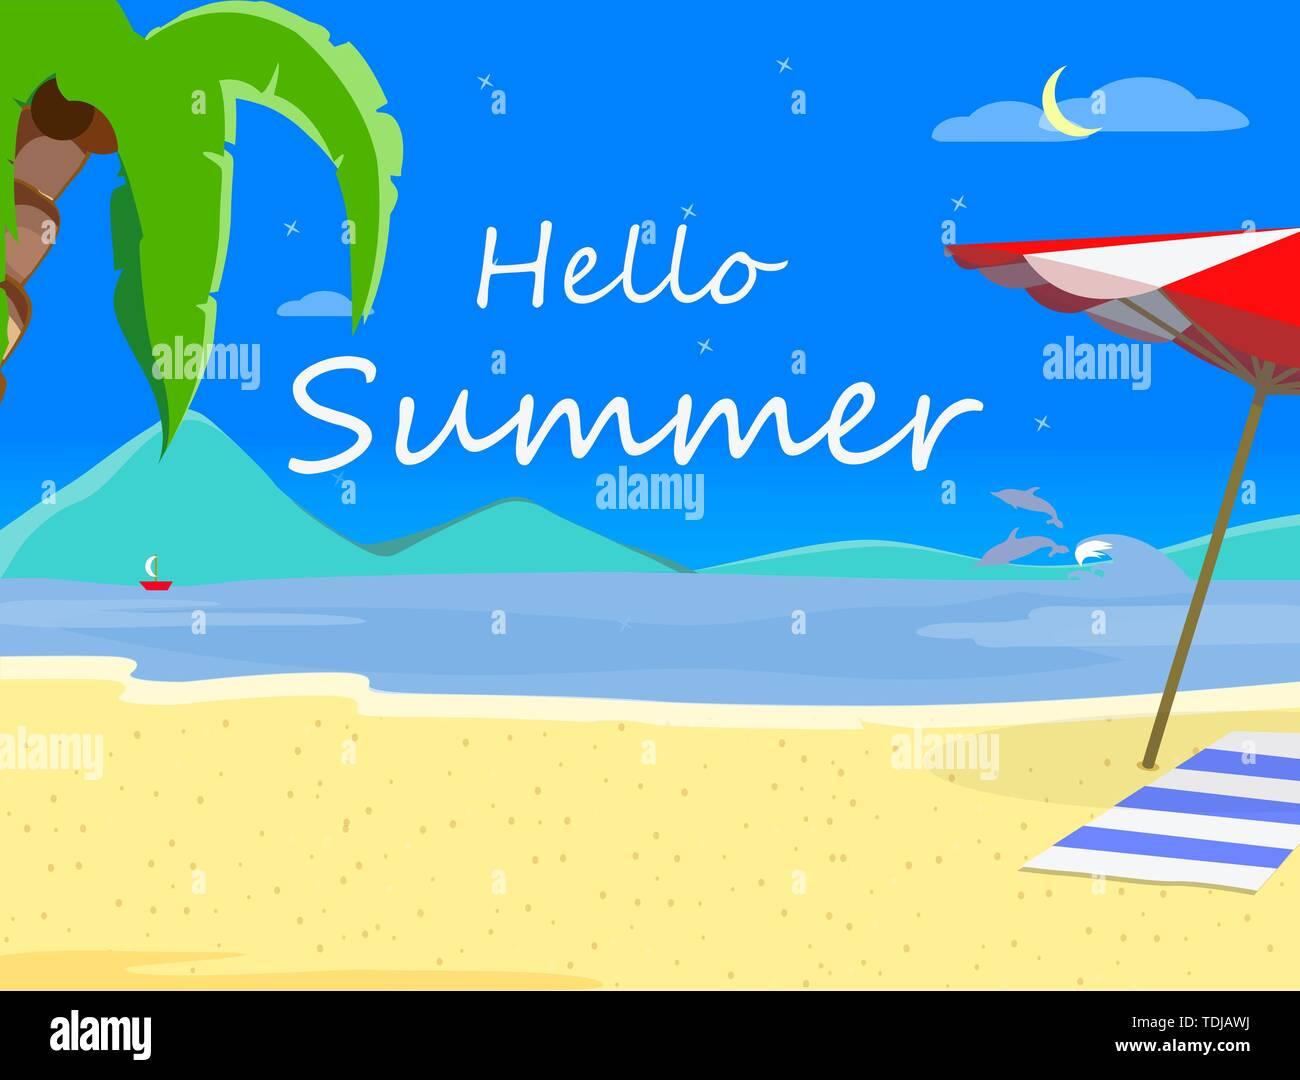 Strand Hintergrund mit Hallo Sommer Typografie und Sand Shore, Hawaii Nacht Landschaft von exotischen Küste, Thailand Resort Seascape Poster, Beach Pa Stockbild